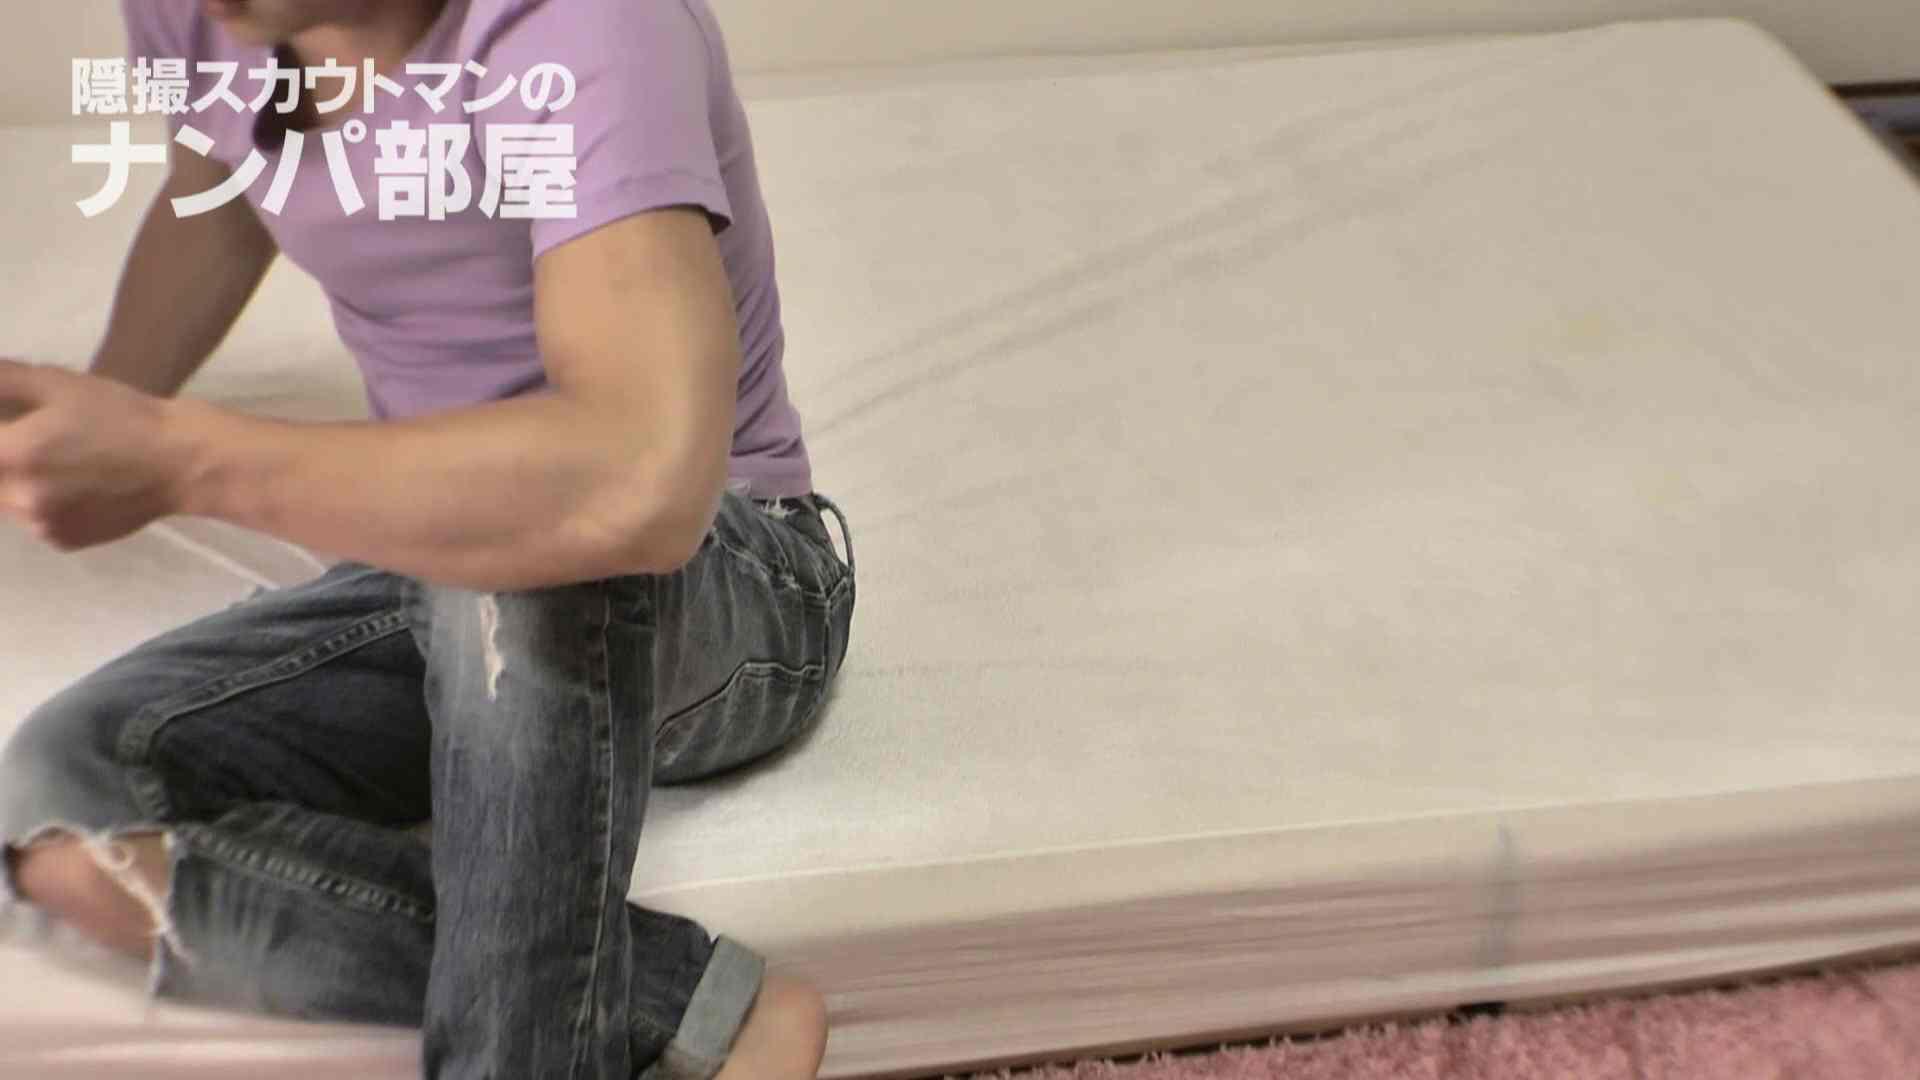 隠撮スカウトマンのナンパ部屋~風俗デビュー前のつまみ食い~ siivol.3 ナンパ実況   OLのプライベート  12pic 5